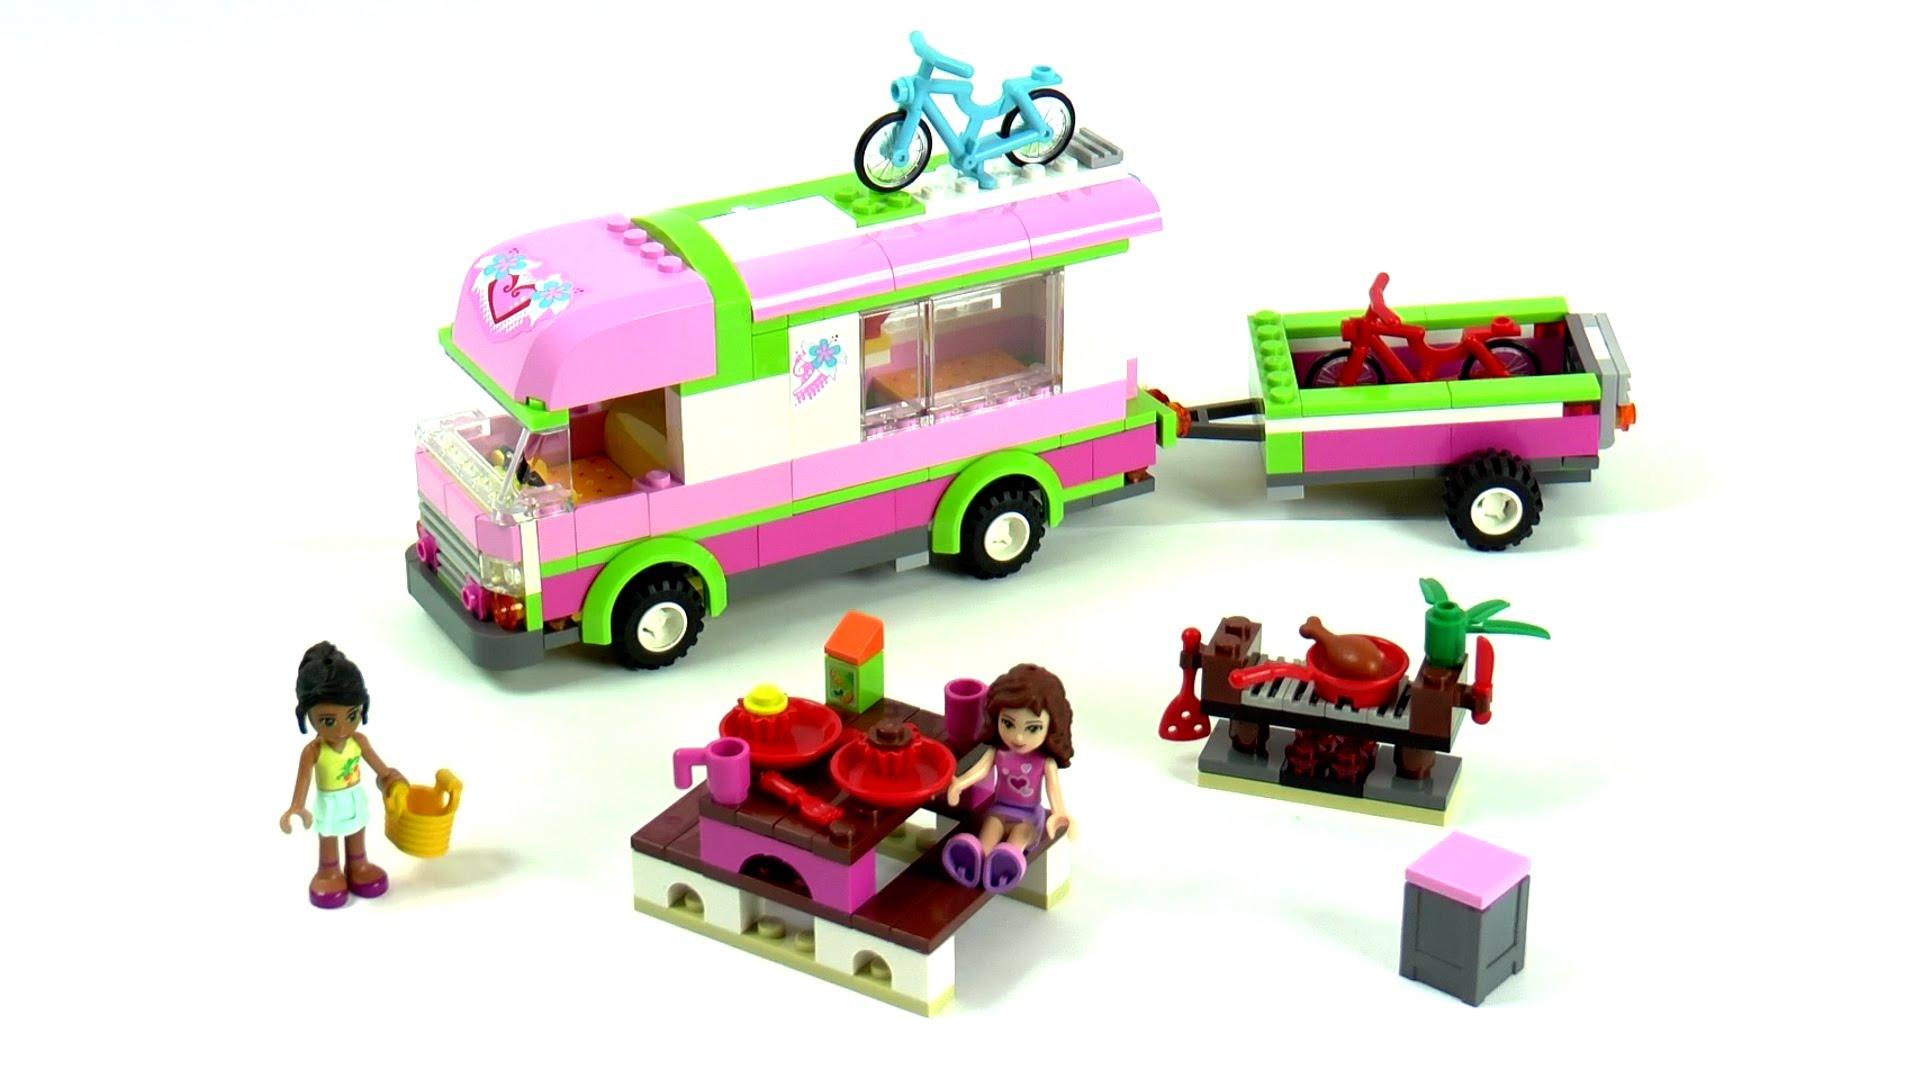 10168 девушки Приключения Camper Блоки Модель игрушка детская друзья кирпич цифры Совместимо legoes Друзья Набор Fit 3184